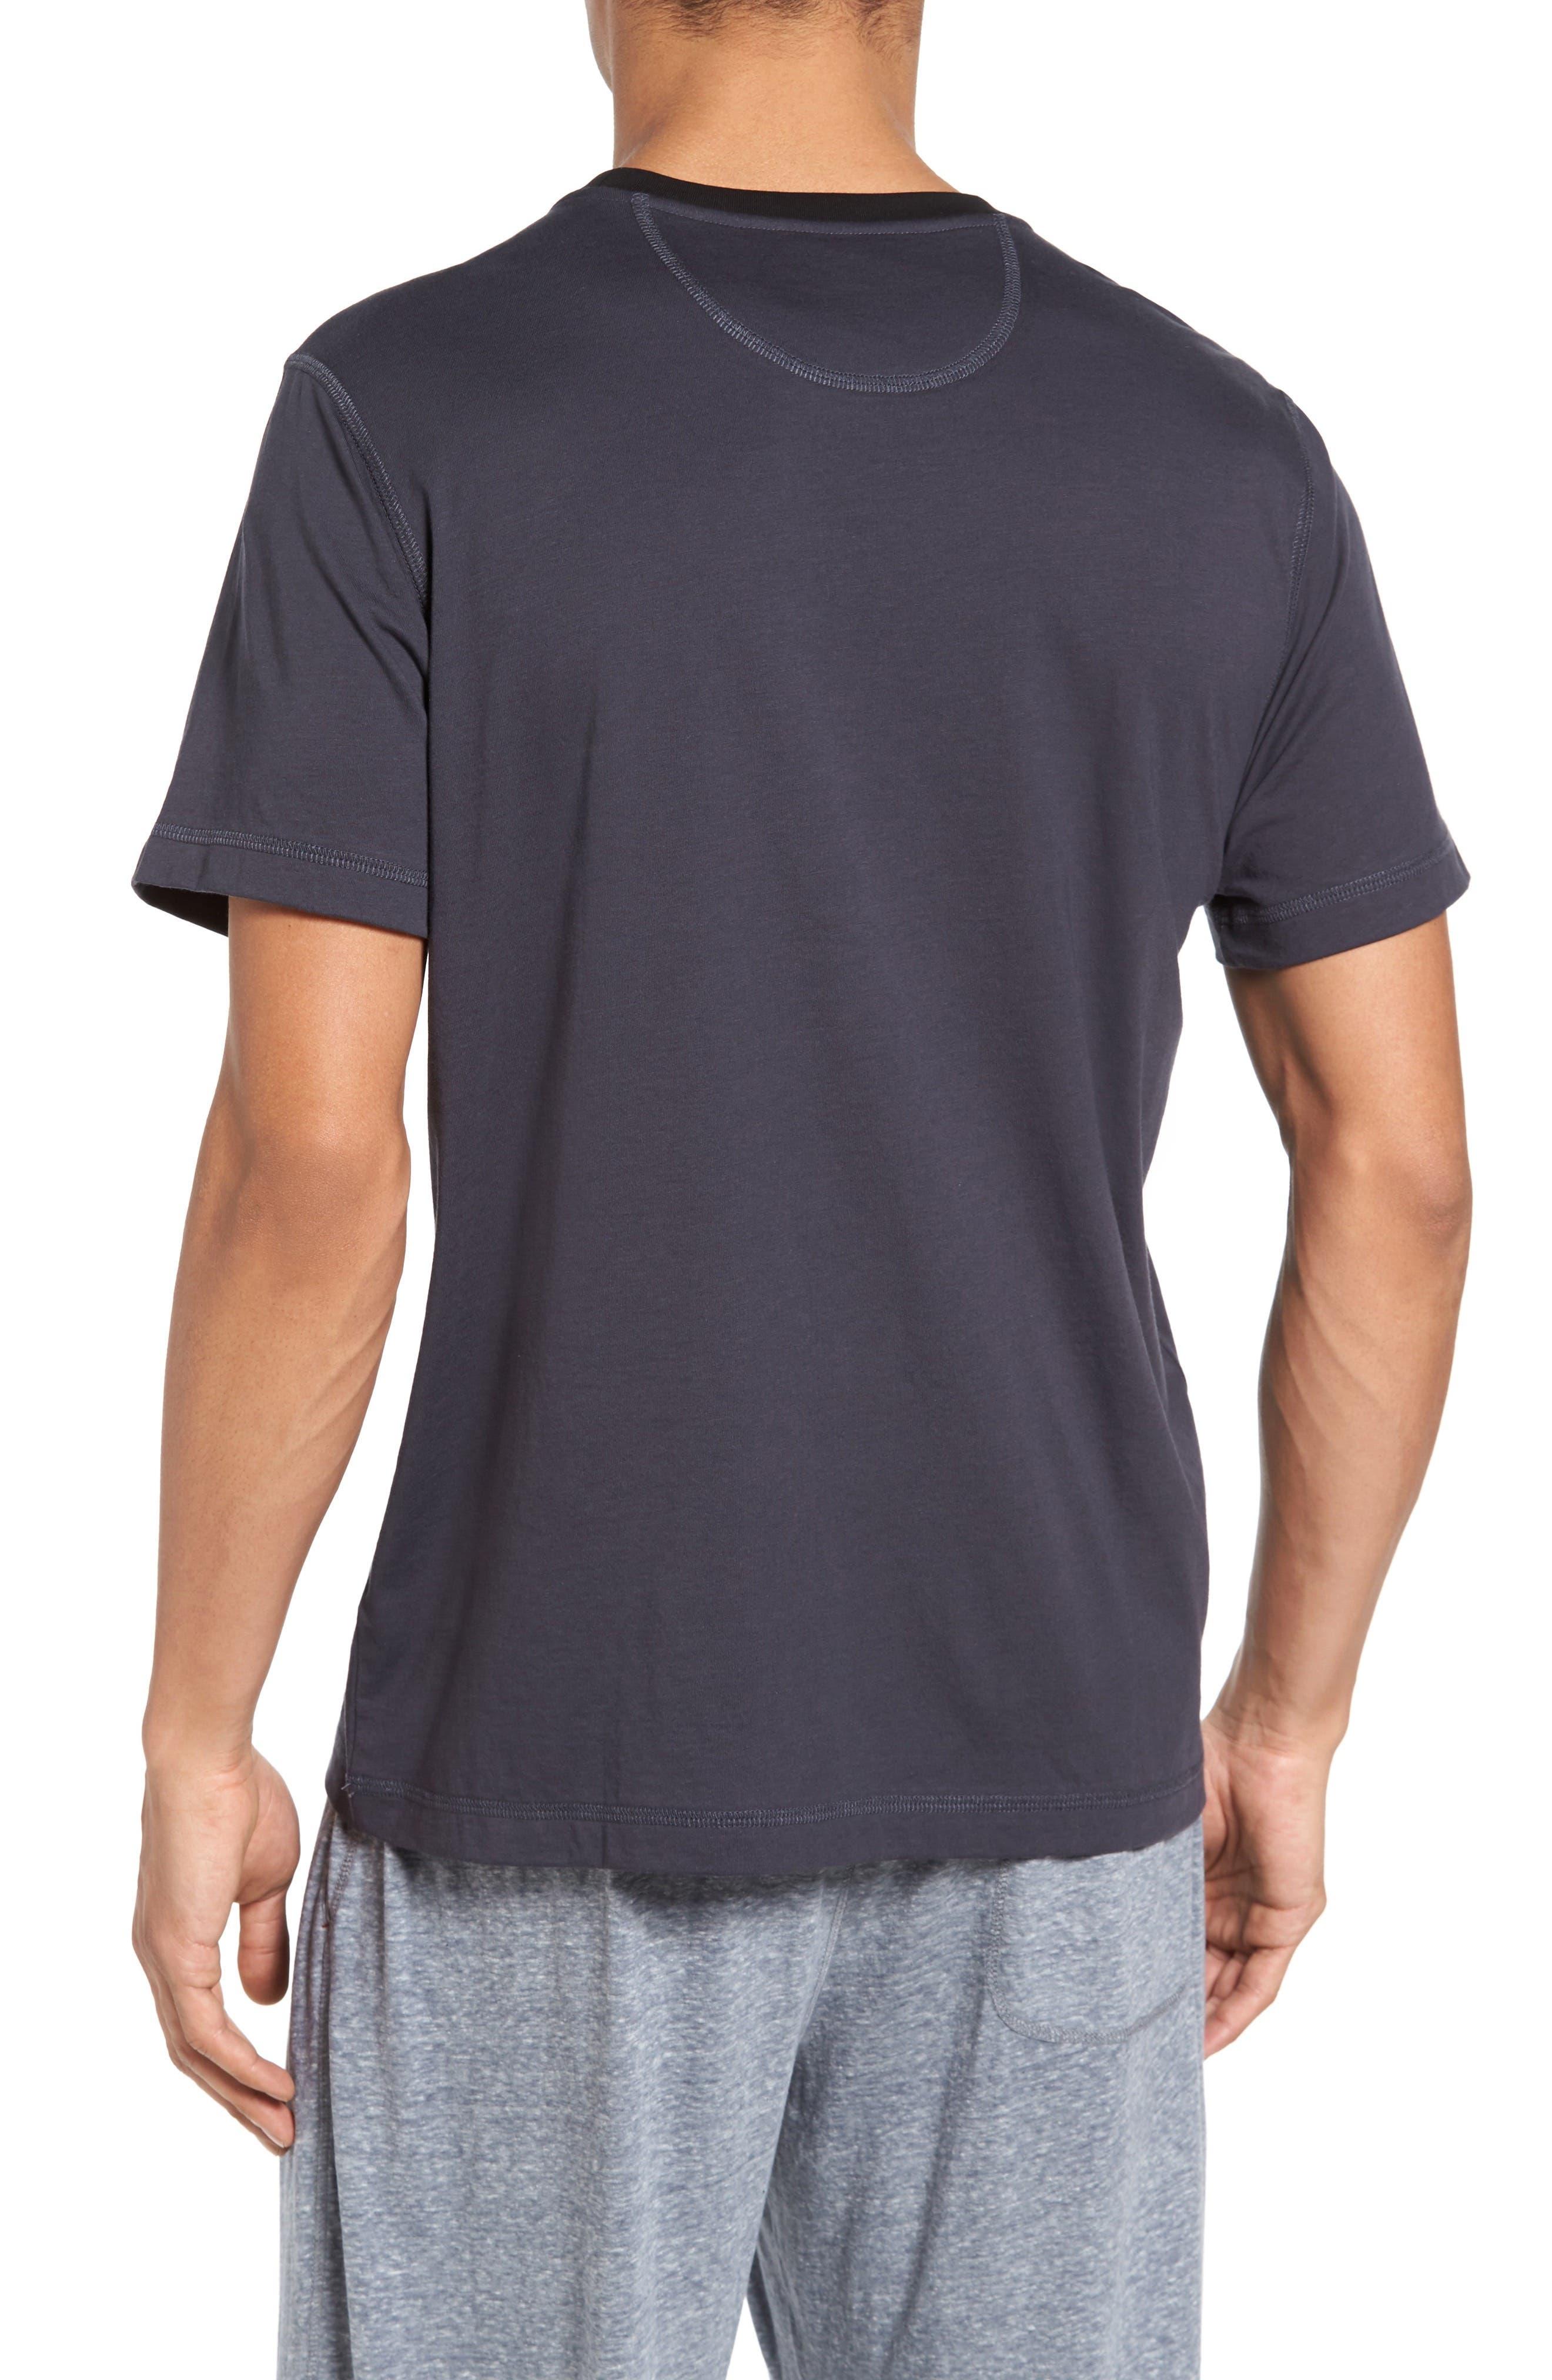 Daniel Buchler Clothing  7d225140d